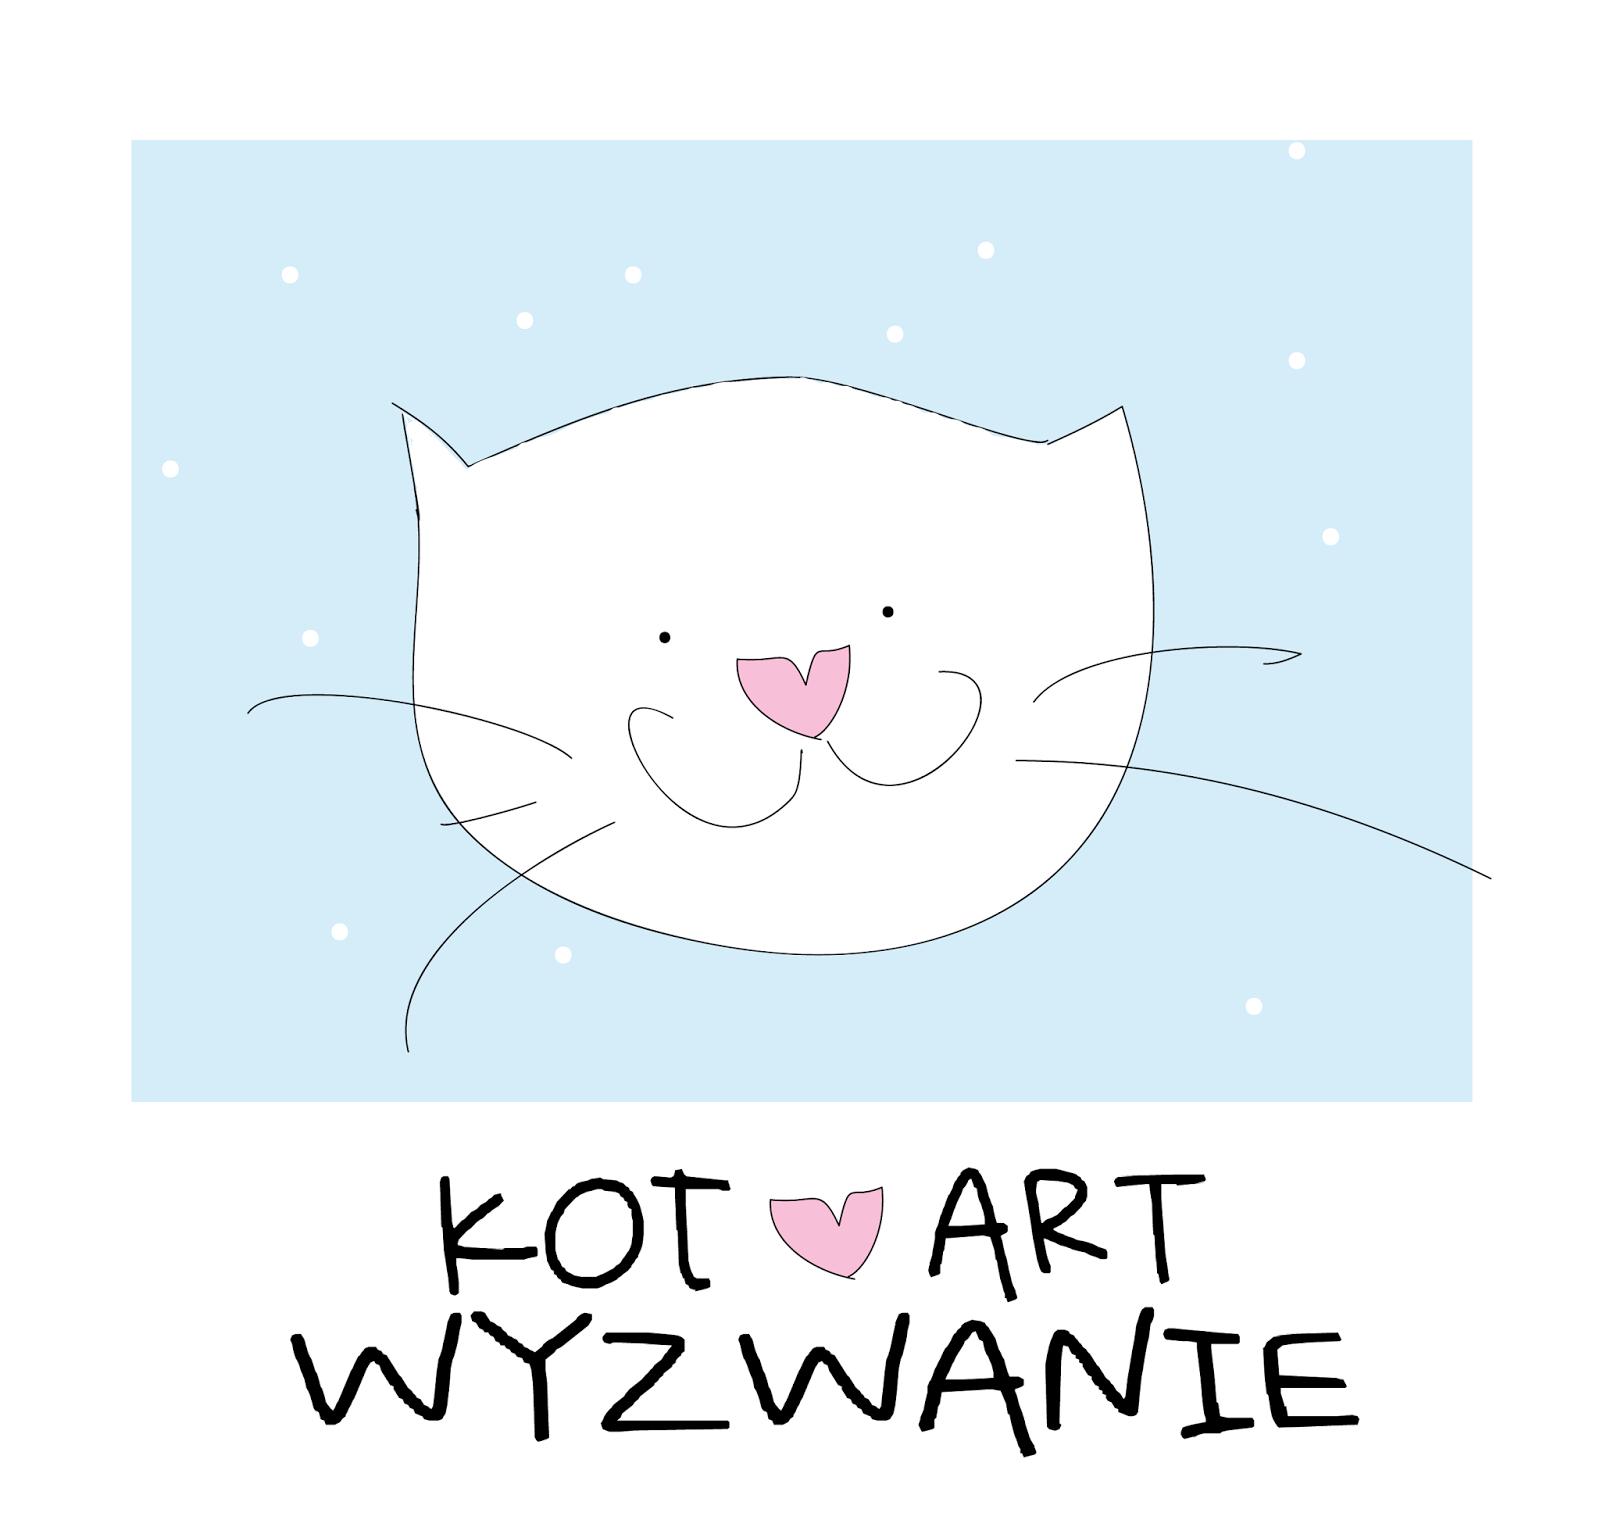 Wyzwanie Kot Art